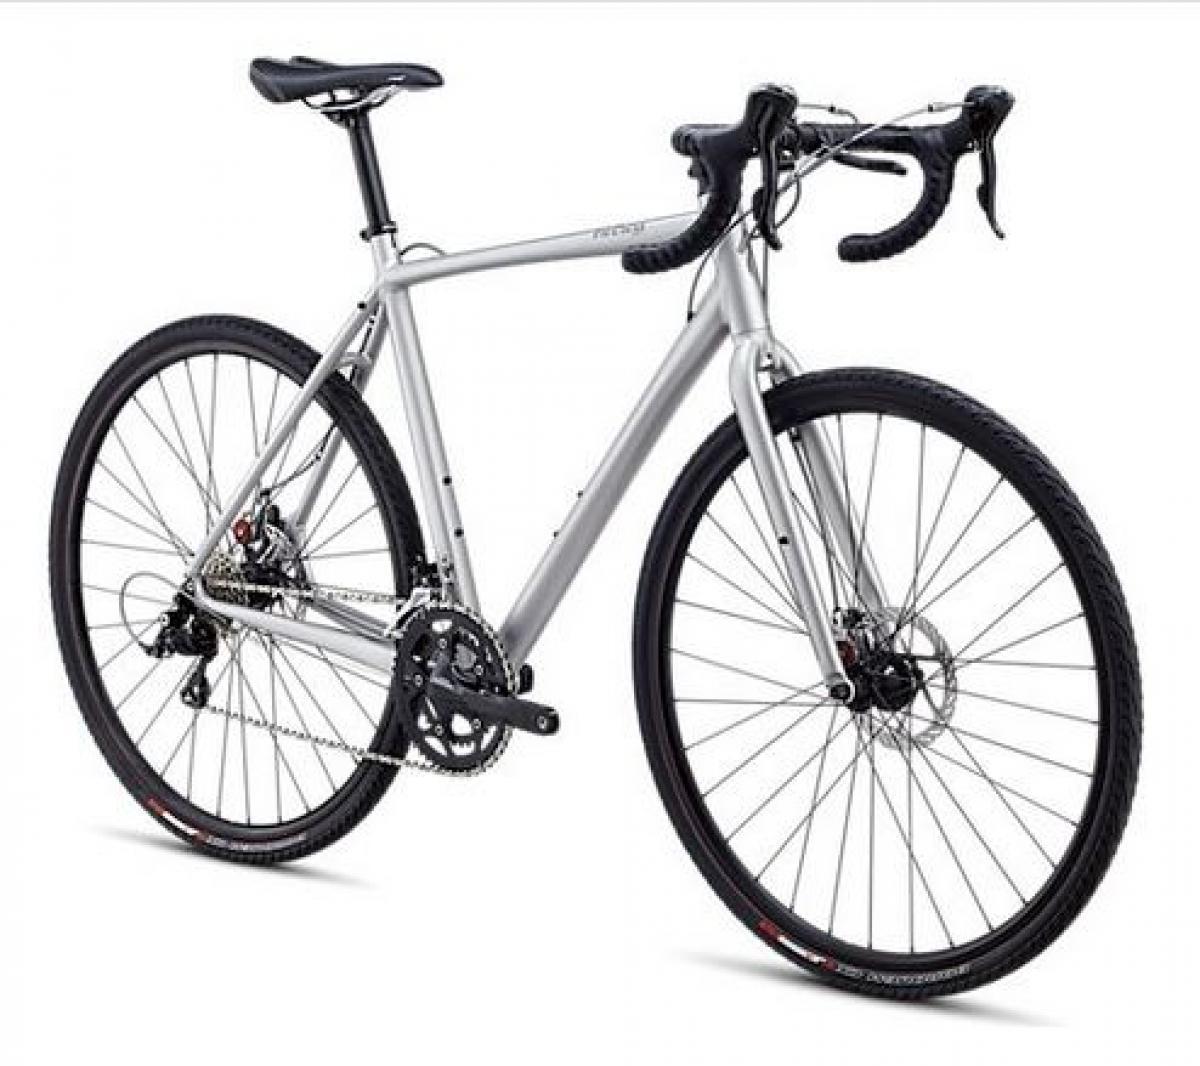 Specialized Tricross sport disk Hybrid Bike Reviews